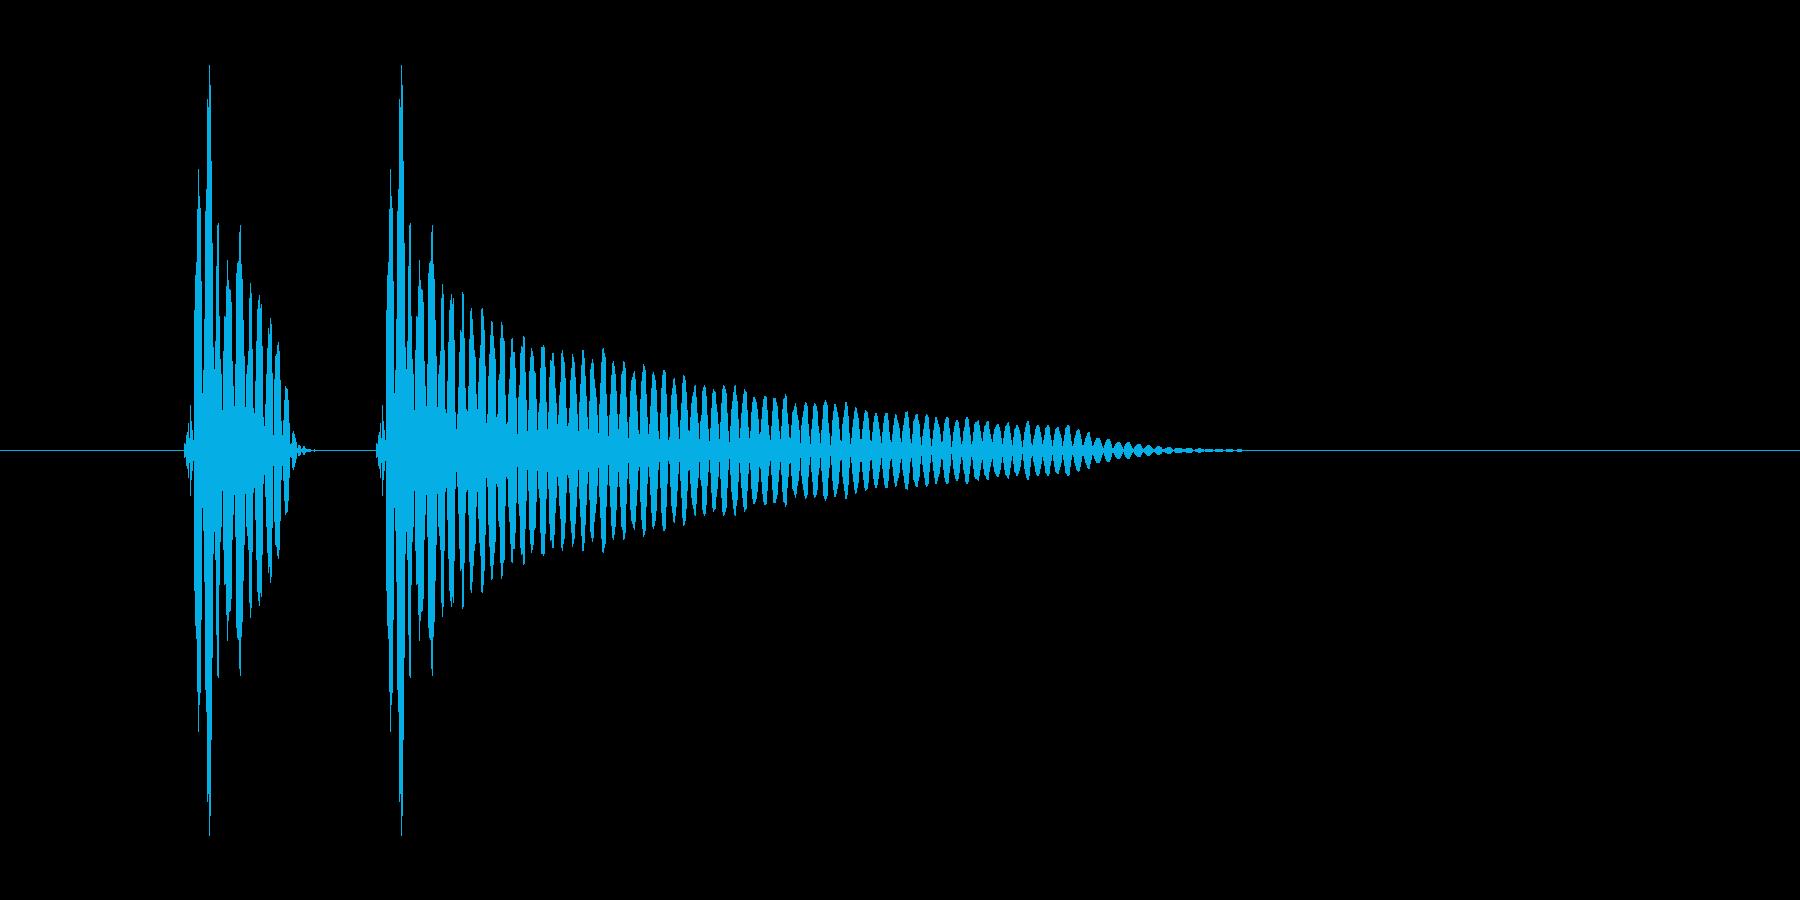 「ポンッ」スマホアプリのタッチ音想定の再生済みの波形